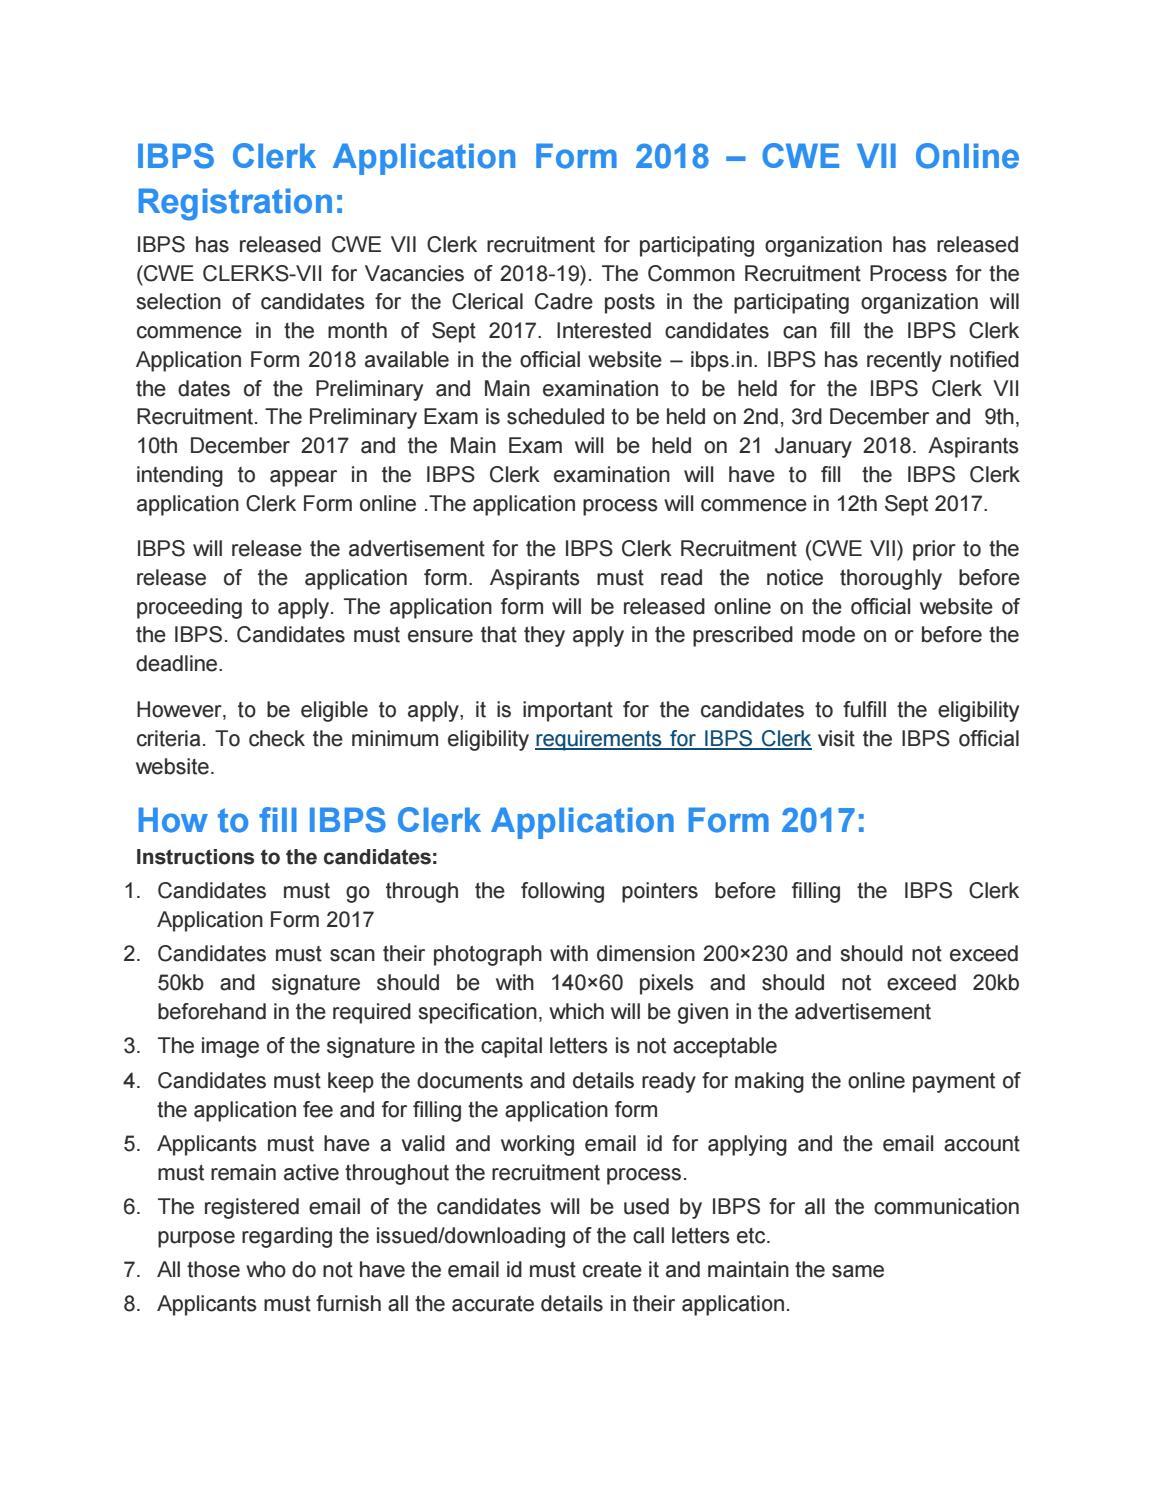 online form for ibps clerk 2018